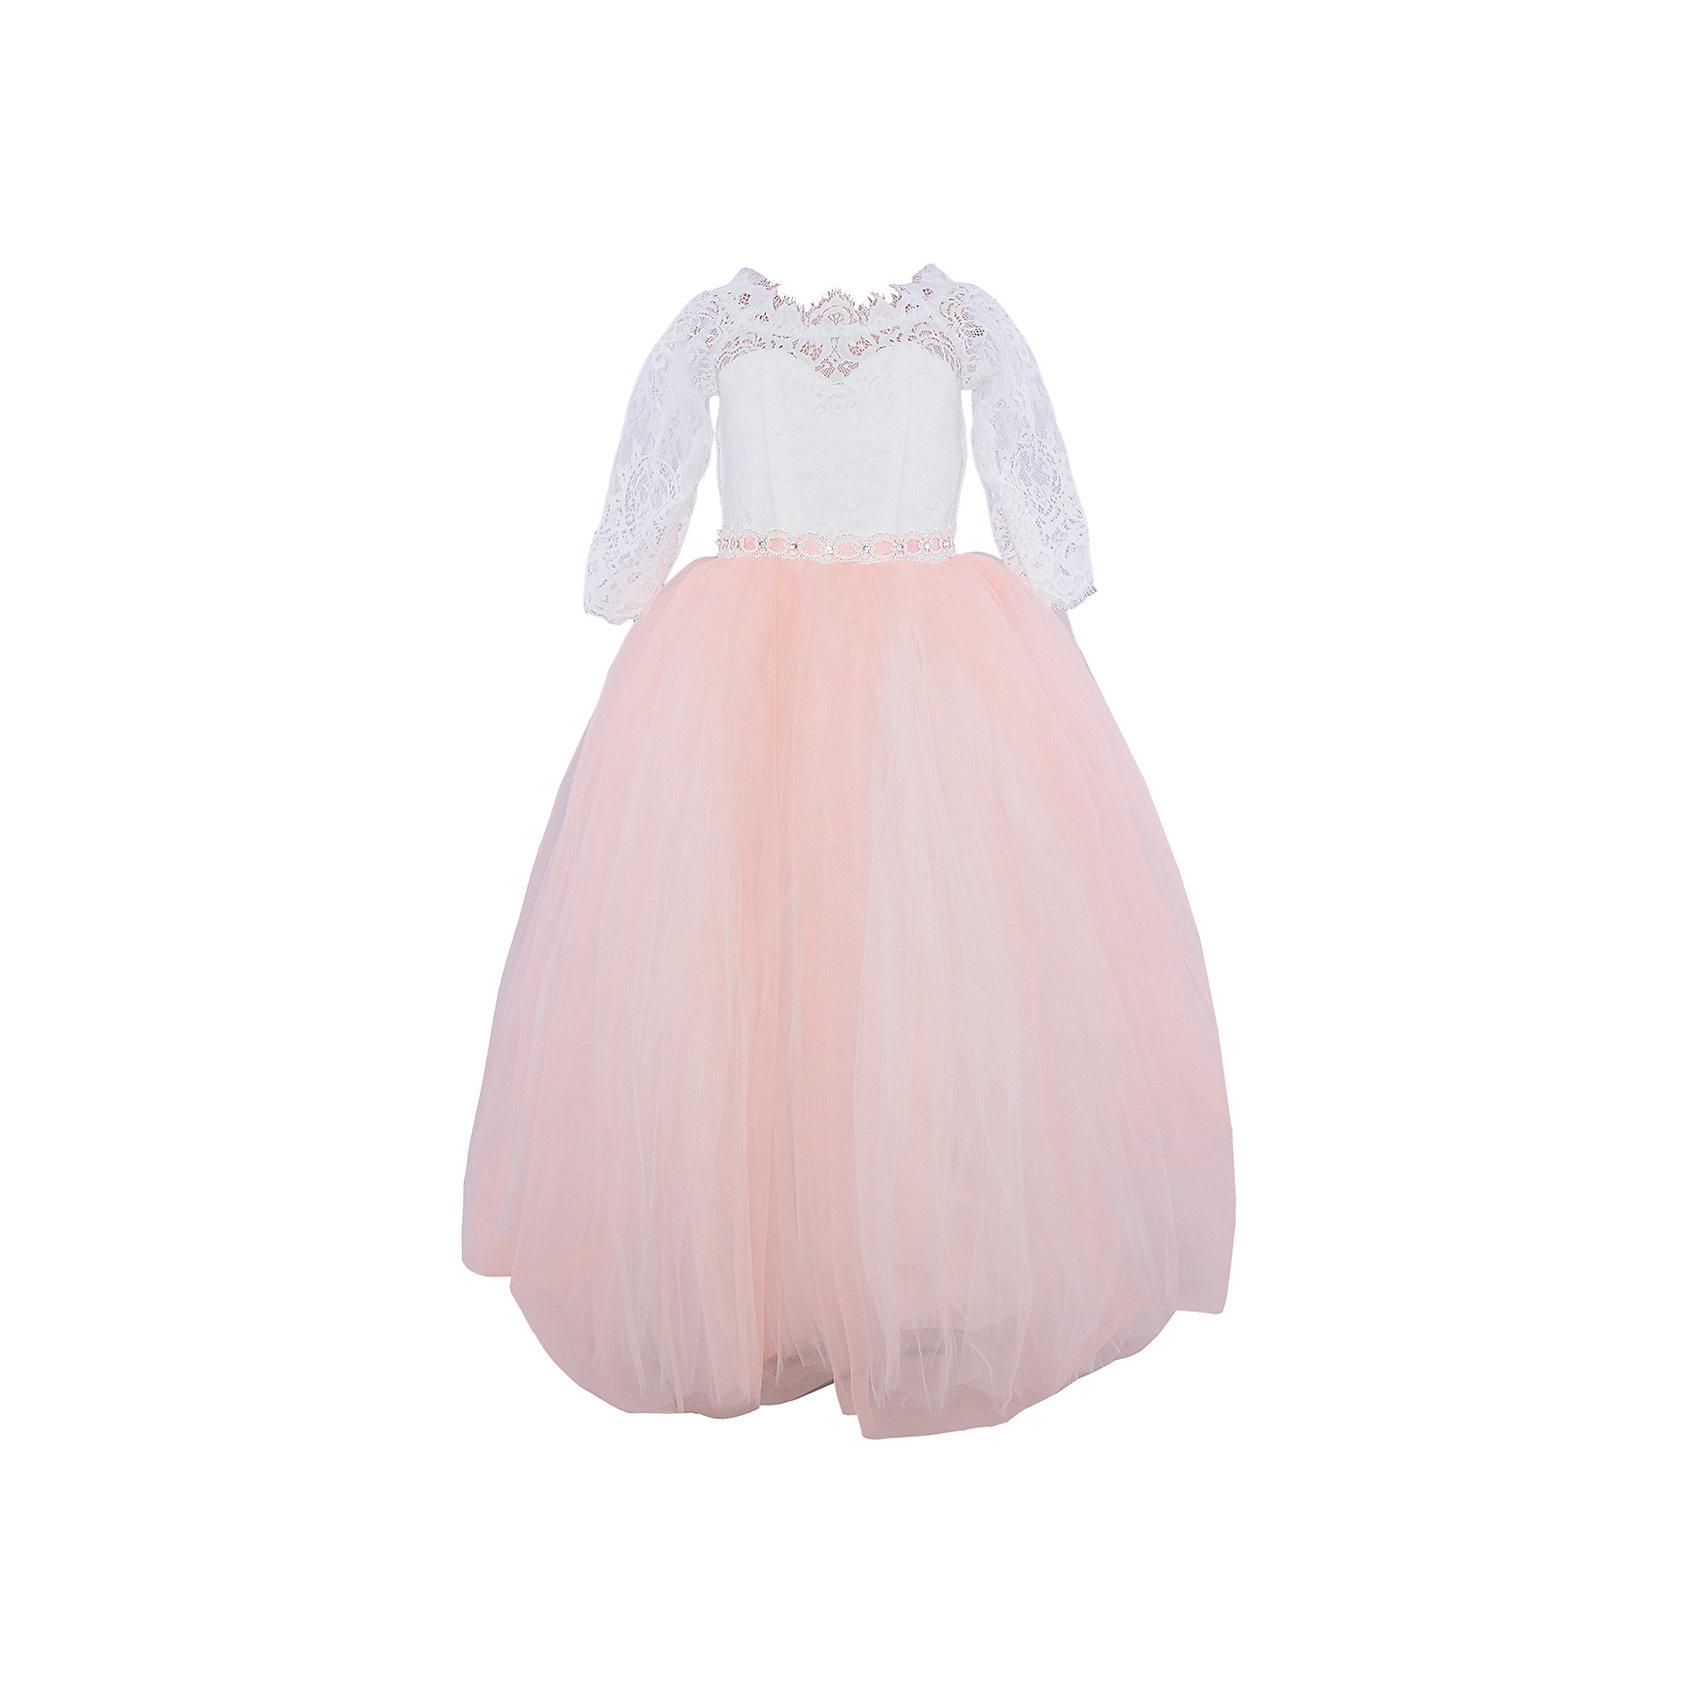 Престиж Платье нарядное Престиж виброплатформы для похудения в алматы в интернет магазине